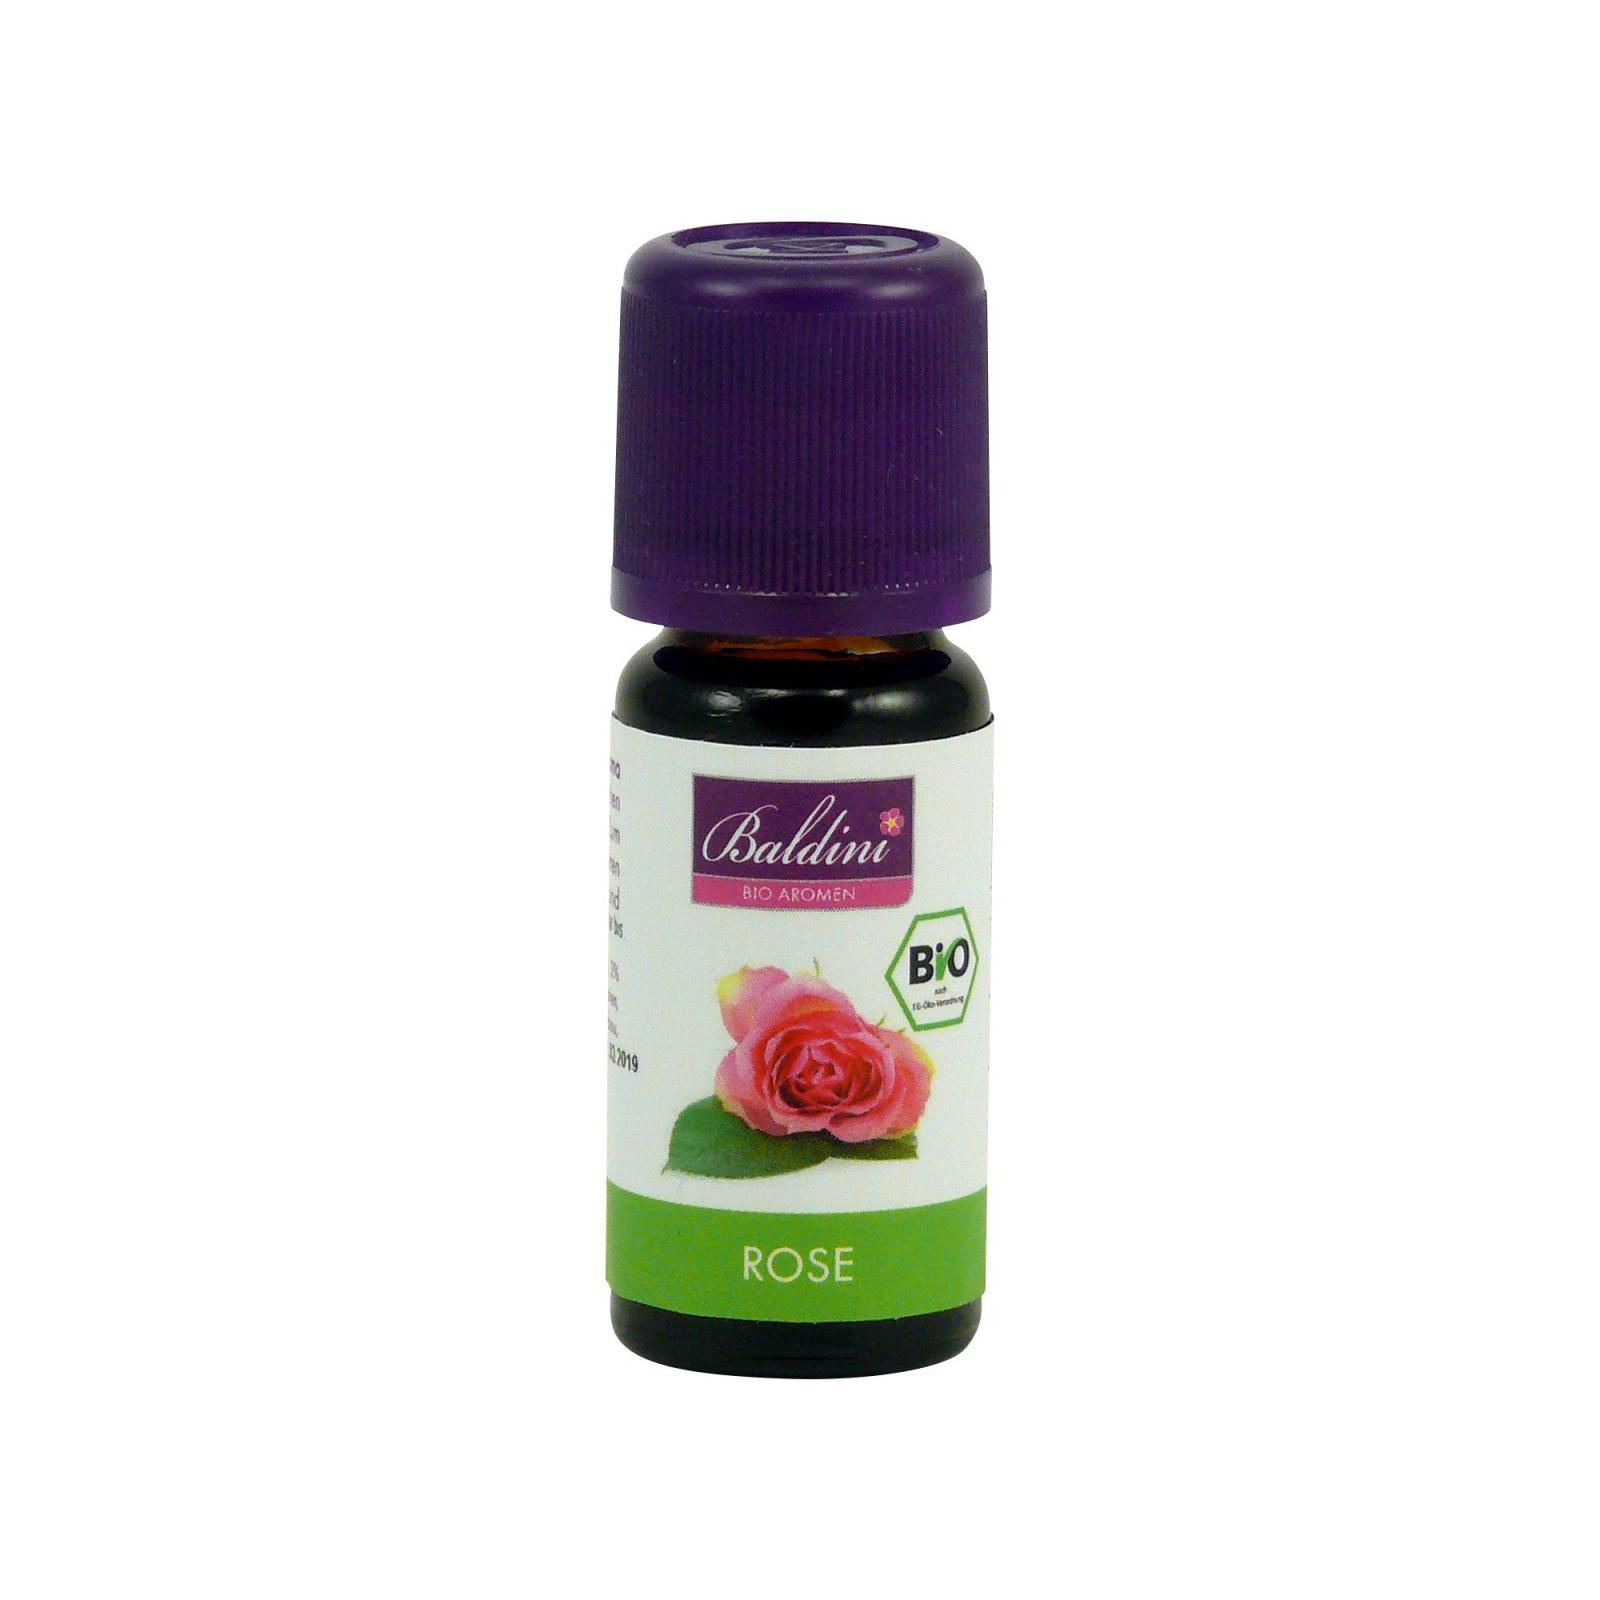 Taoasis Růže damašská bio, v alkoholu 10 ml